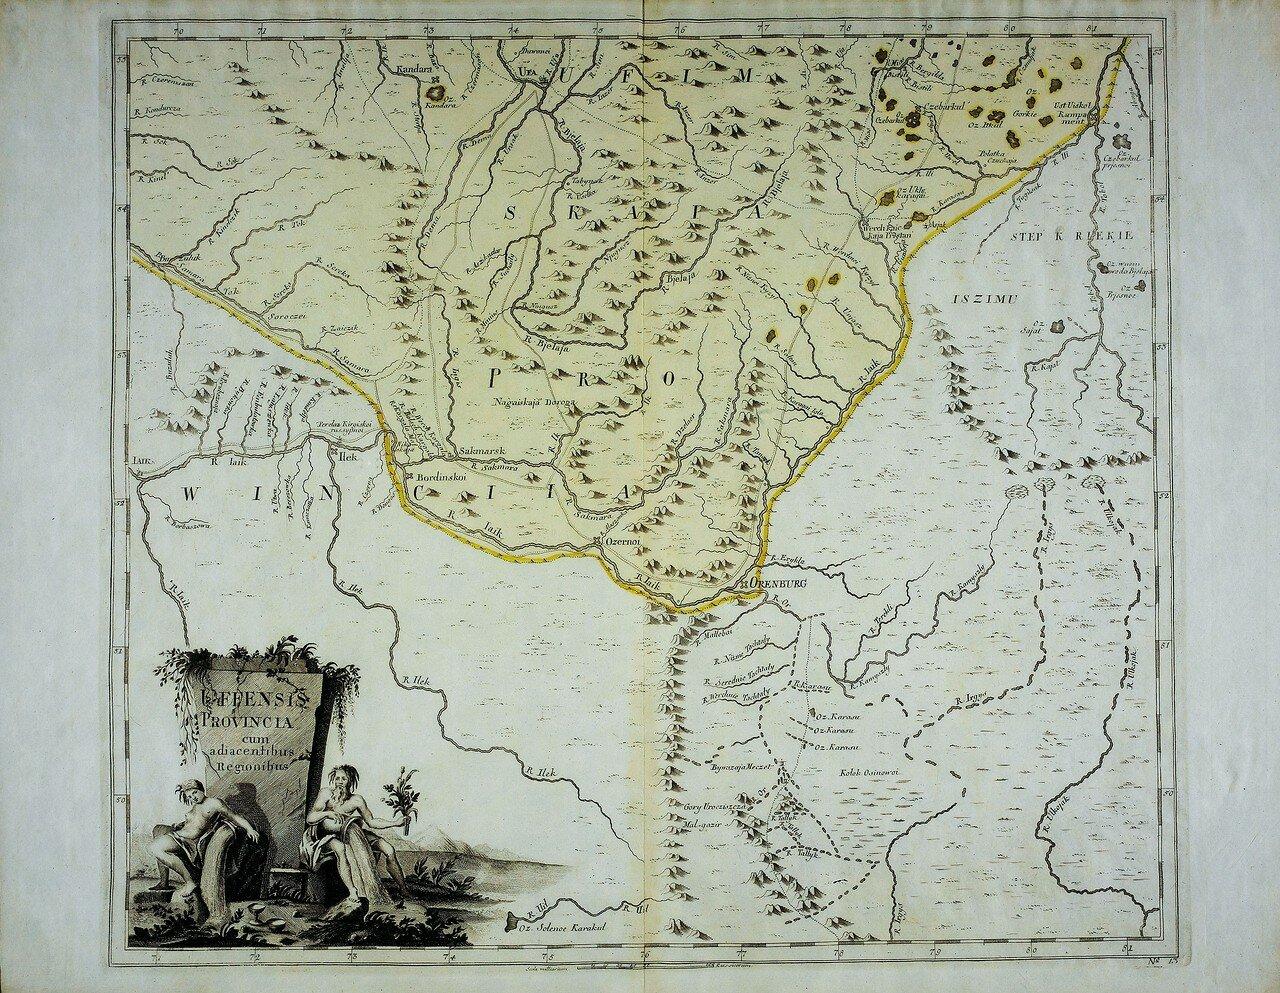 1745. Уфимская губерния с сопредельными территориями